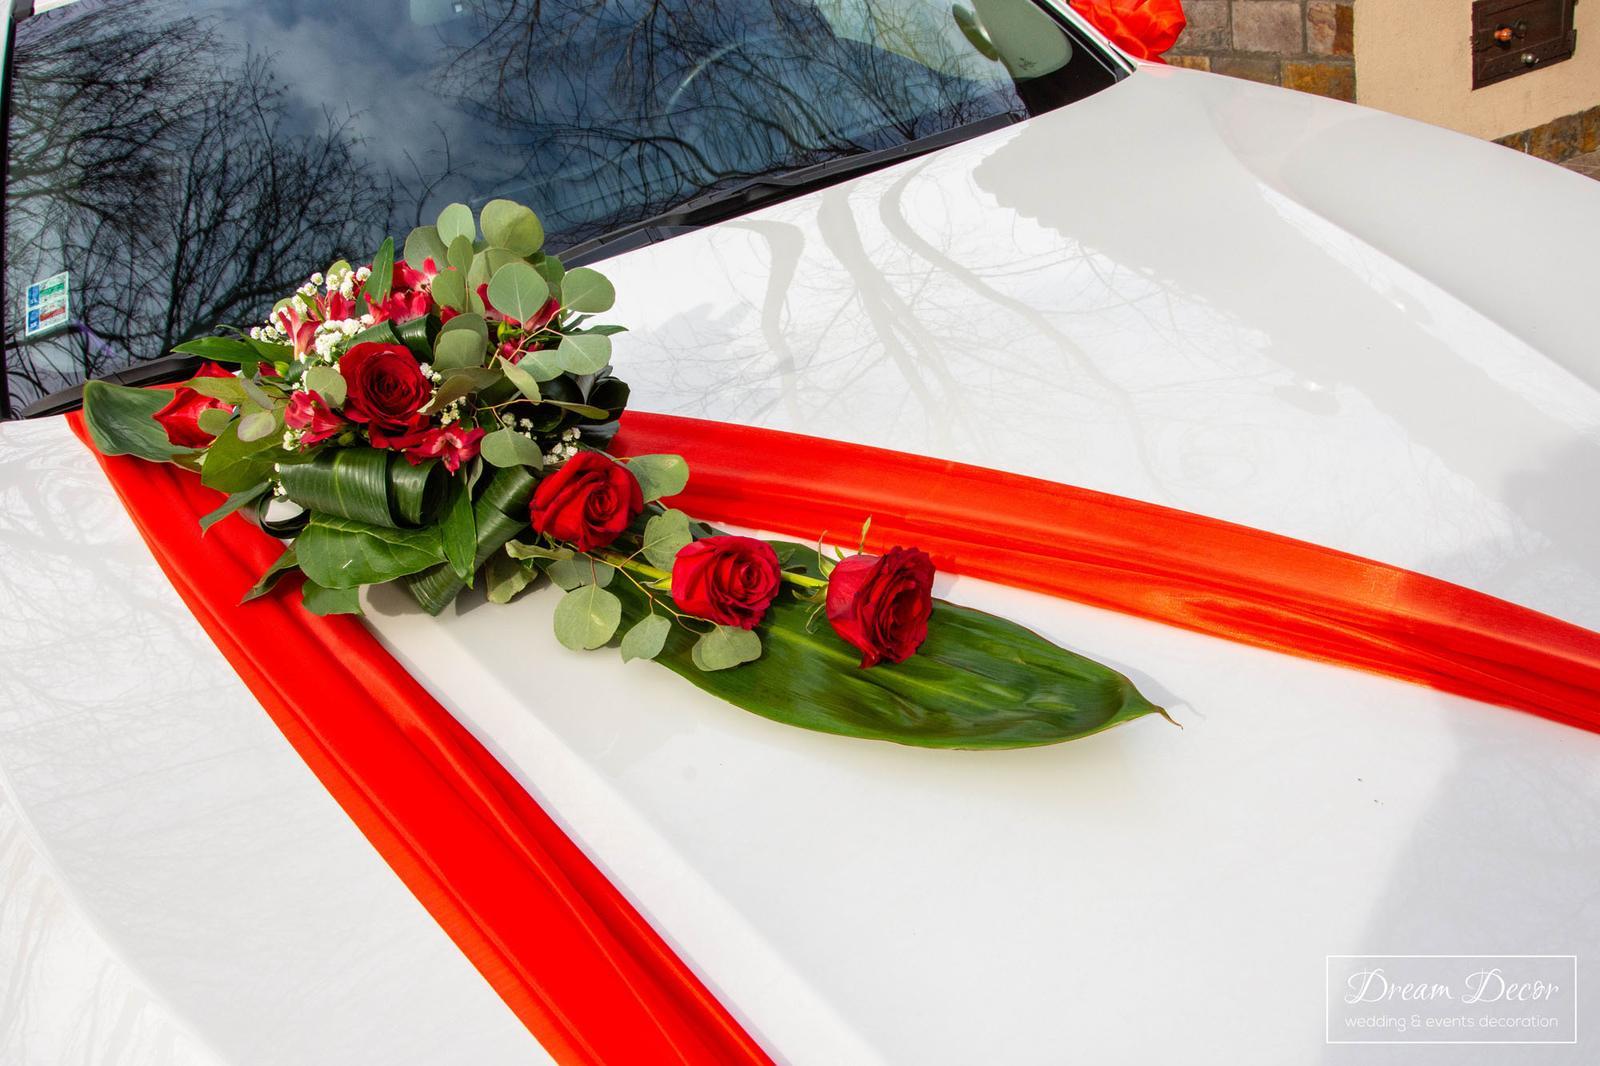 Svadobná výzdoba reštaurácie Pekidors, Michal na Ostrove - Výzdoba svadobného auta - Dream Decor